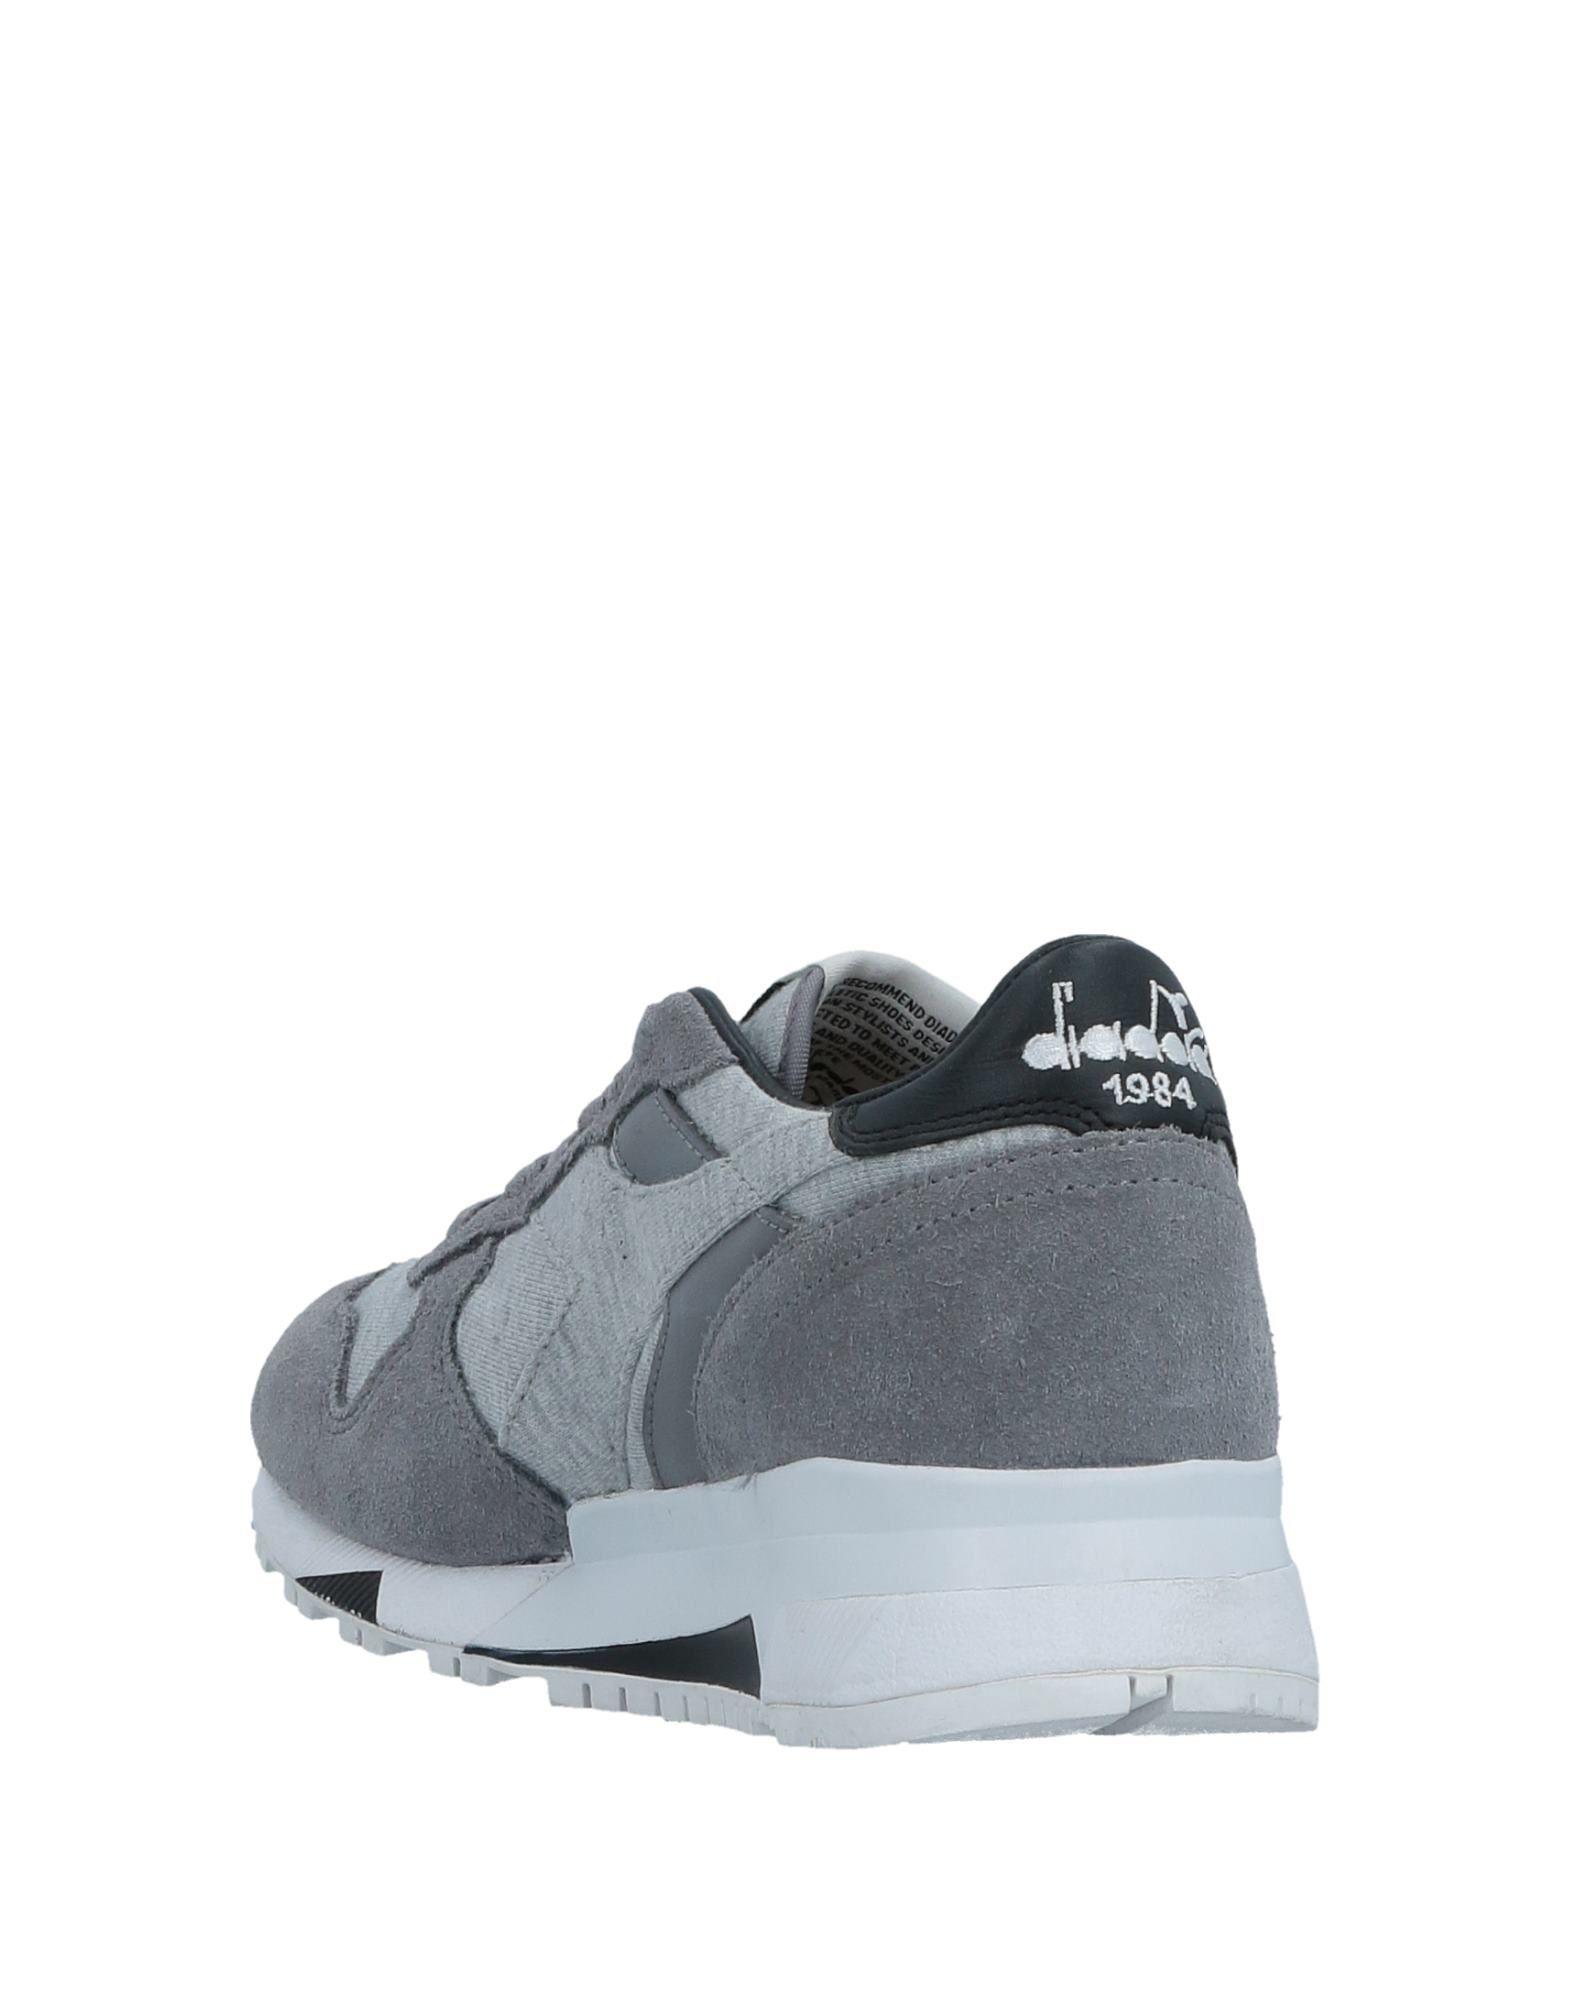 Diadora Heritage Sneakers Damen  Schuhe 11522481MO Gute Qualität beliebte Schuhe  7db6e0